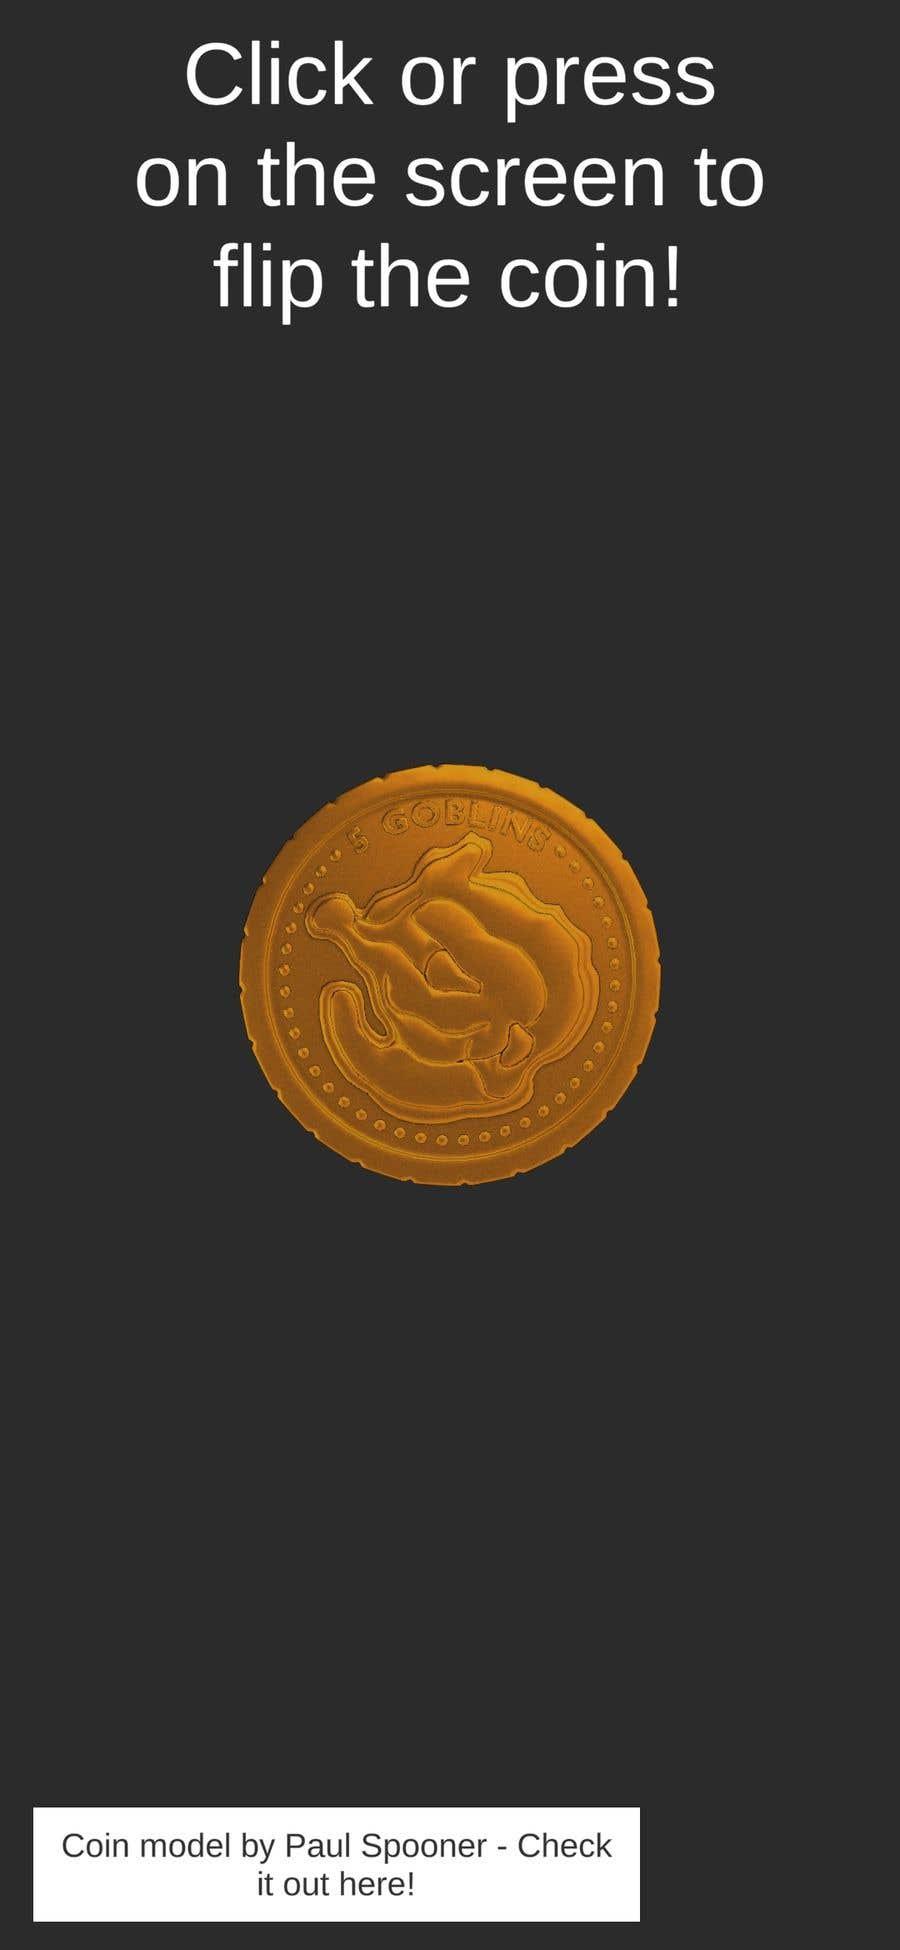 Penyertaan Peraduan #                                        10                                      untuk                                         Make me a cool coin flipping app for Android